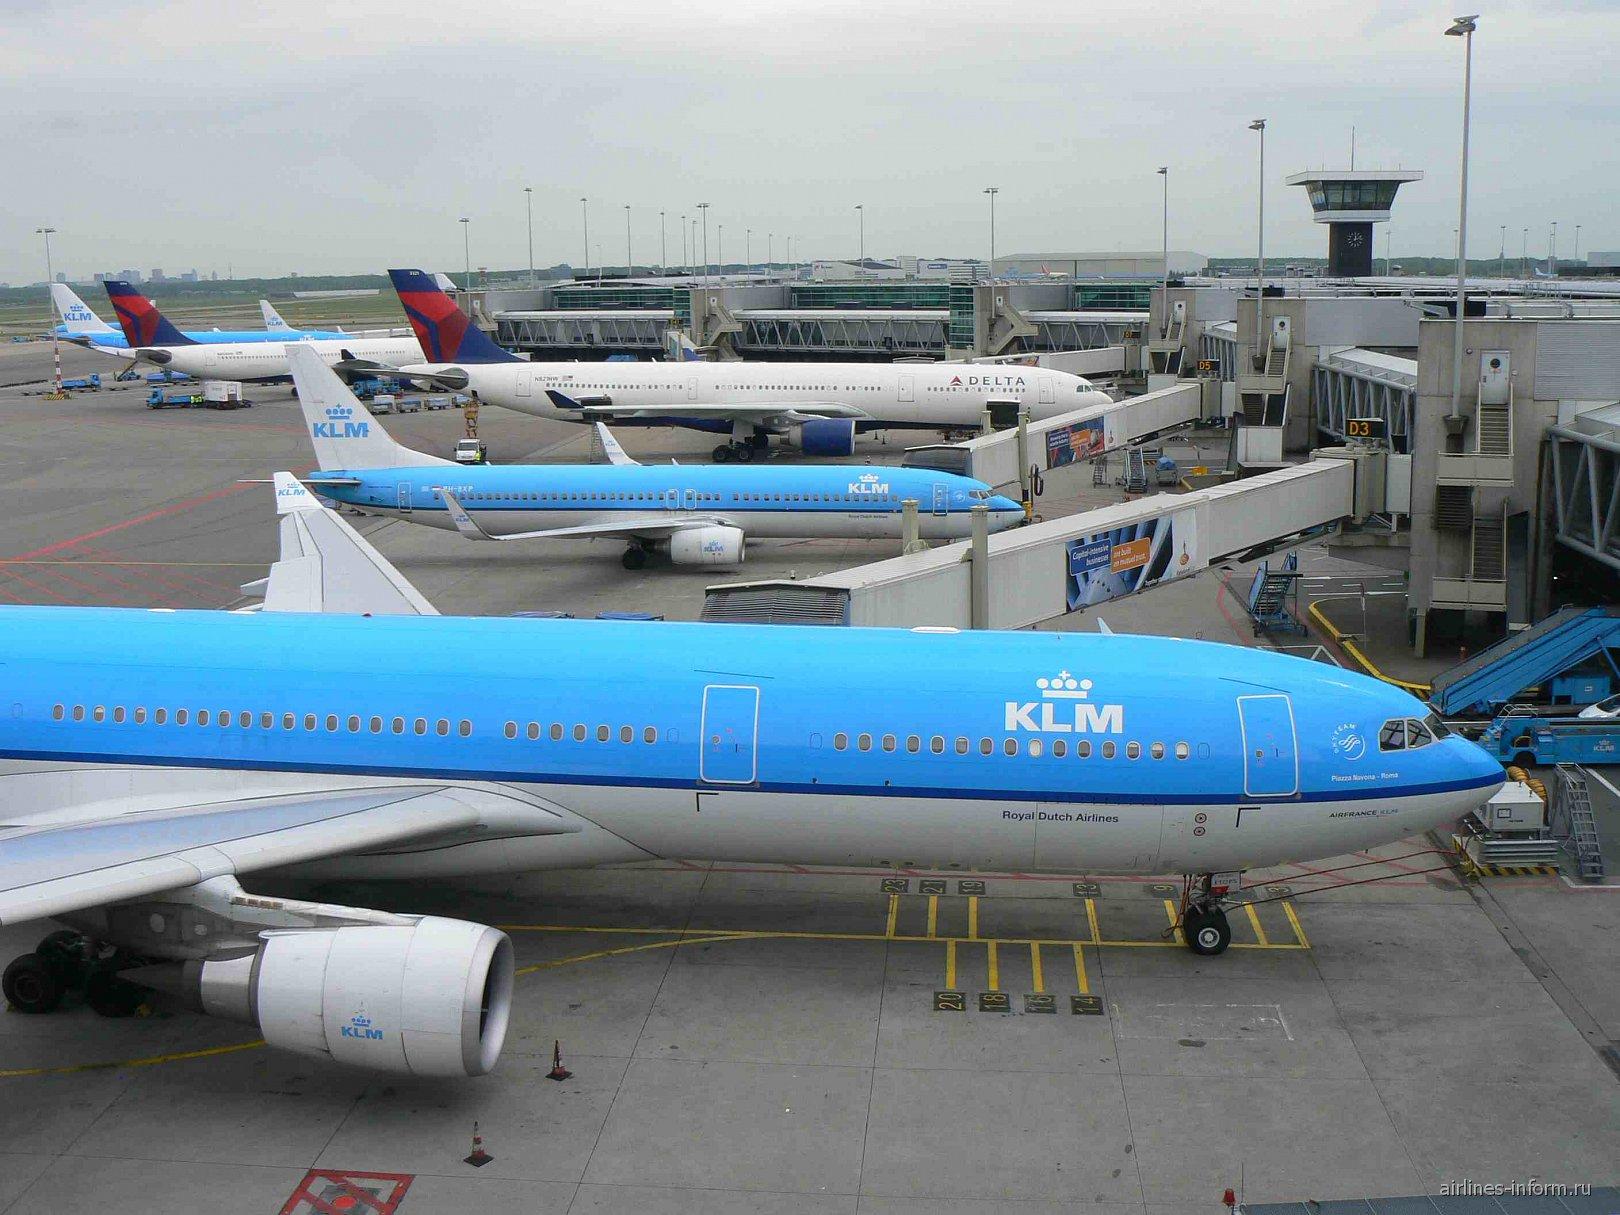 Вид со смотровой площадки аэропорта Амстердам Схипхол